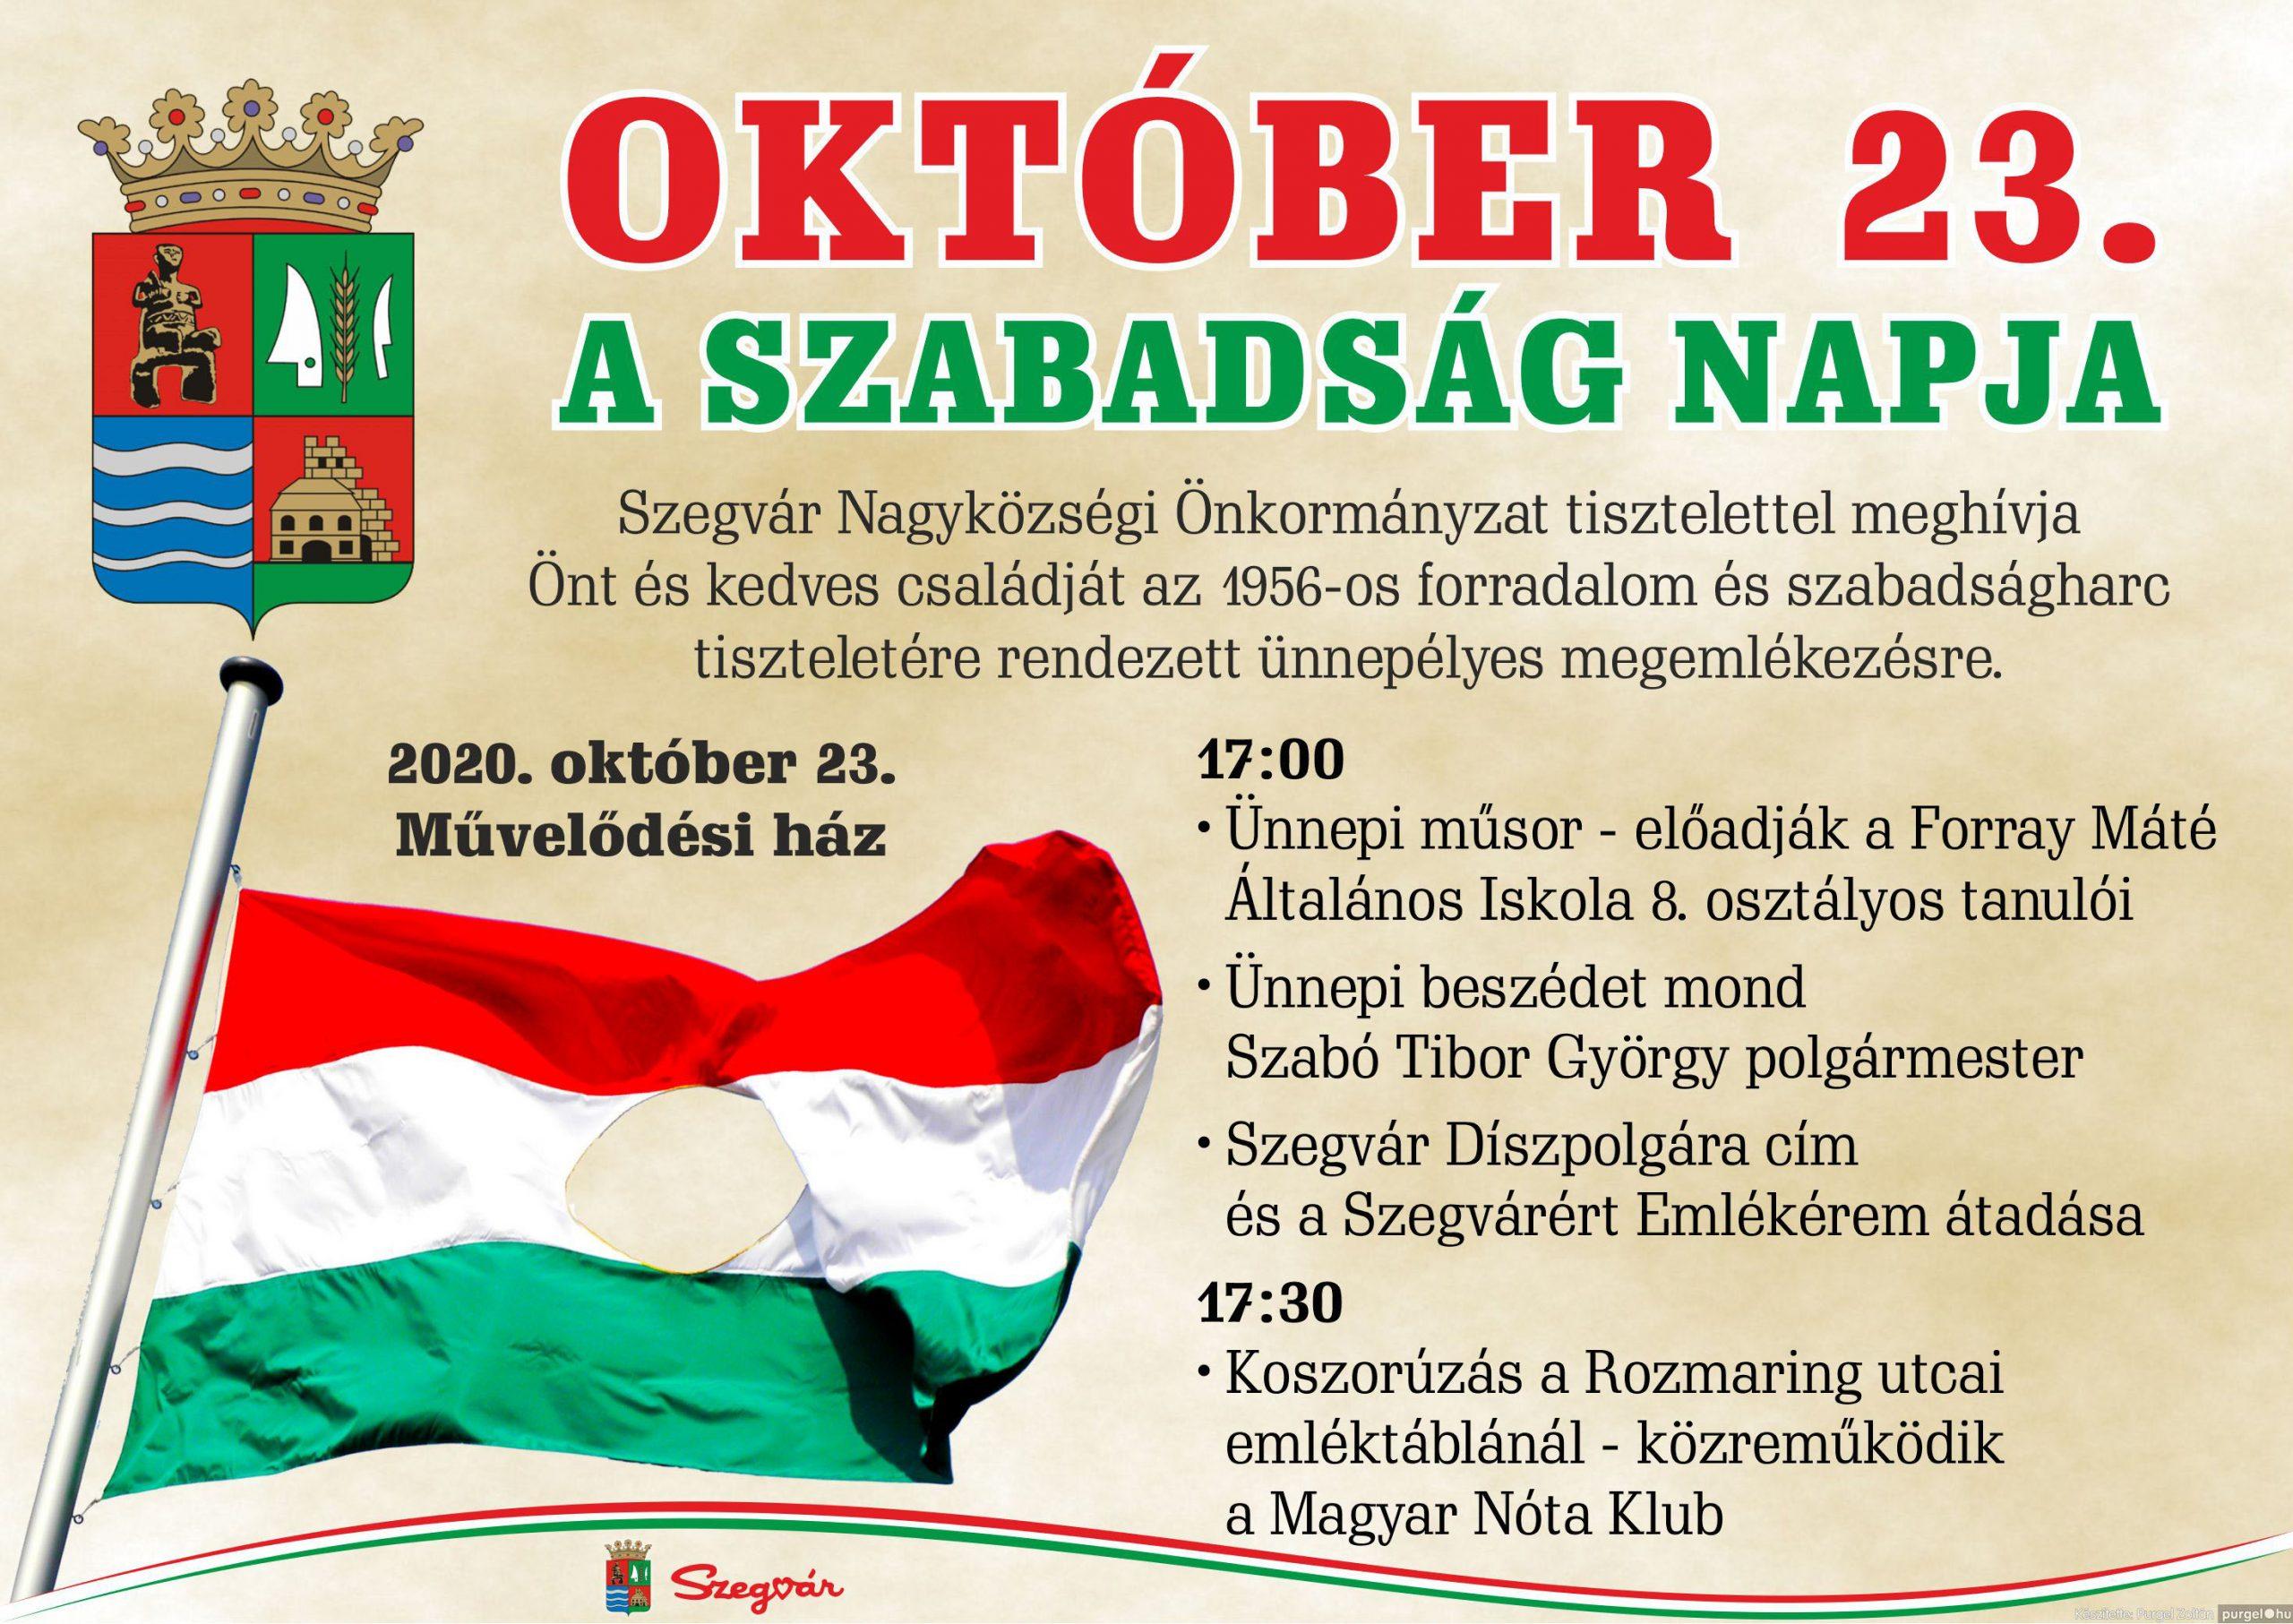 Október 23-i ünnepség Szegváron